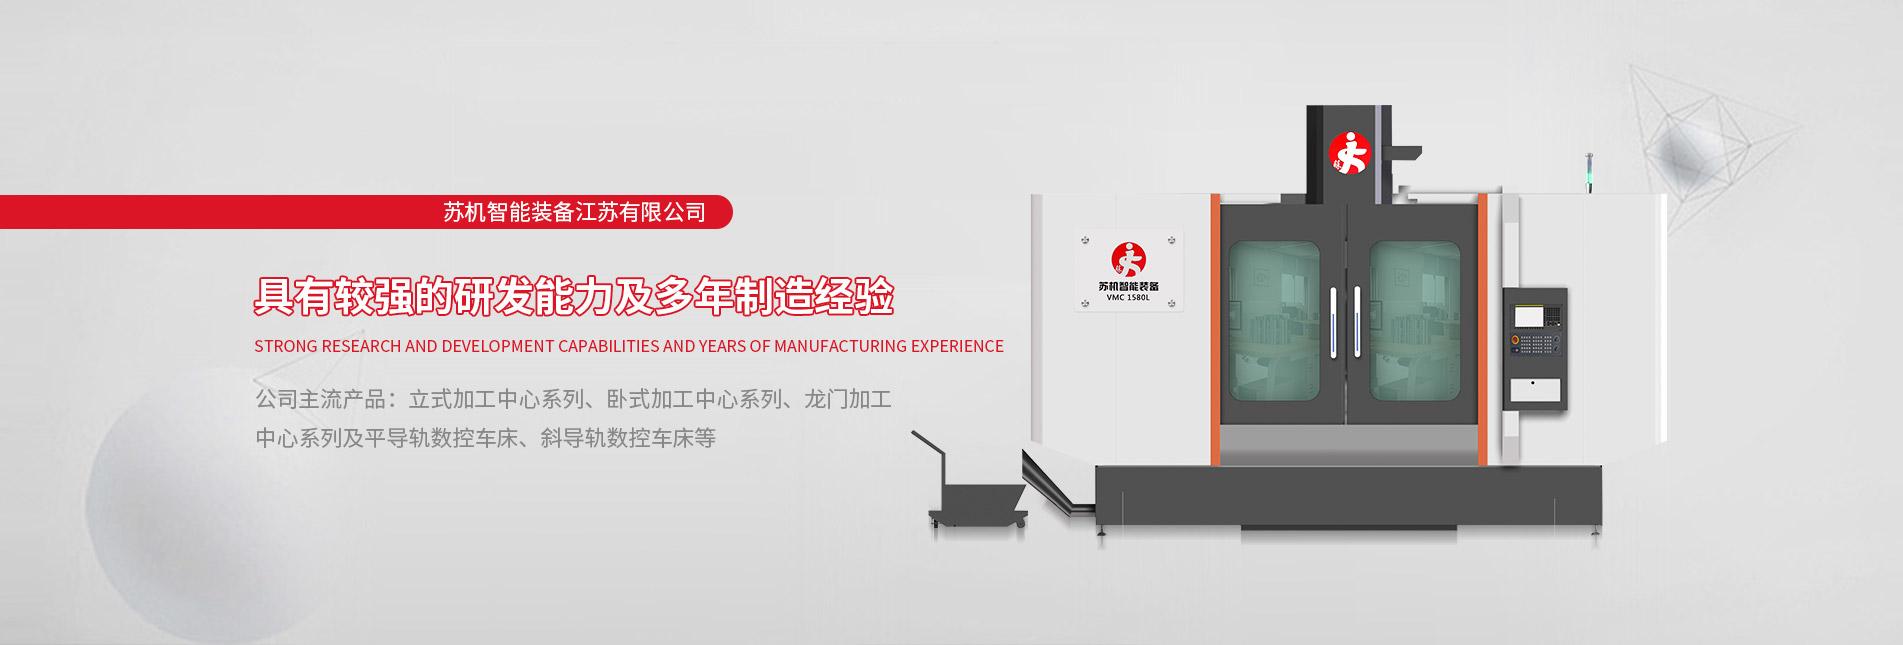 苏机智能装备江苏有限公司